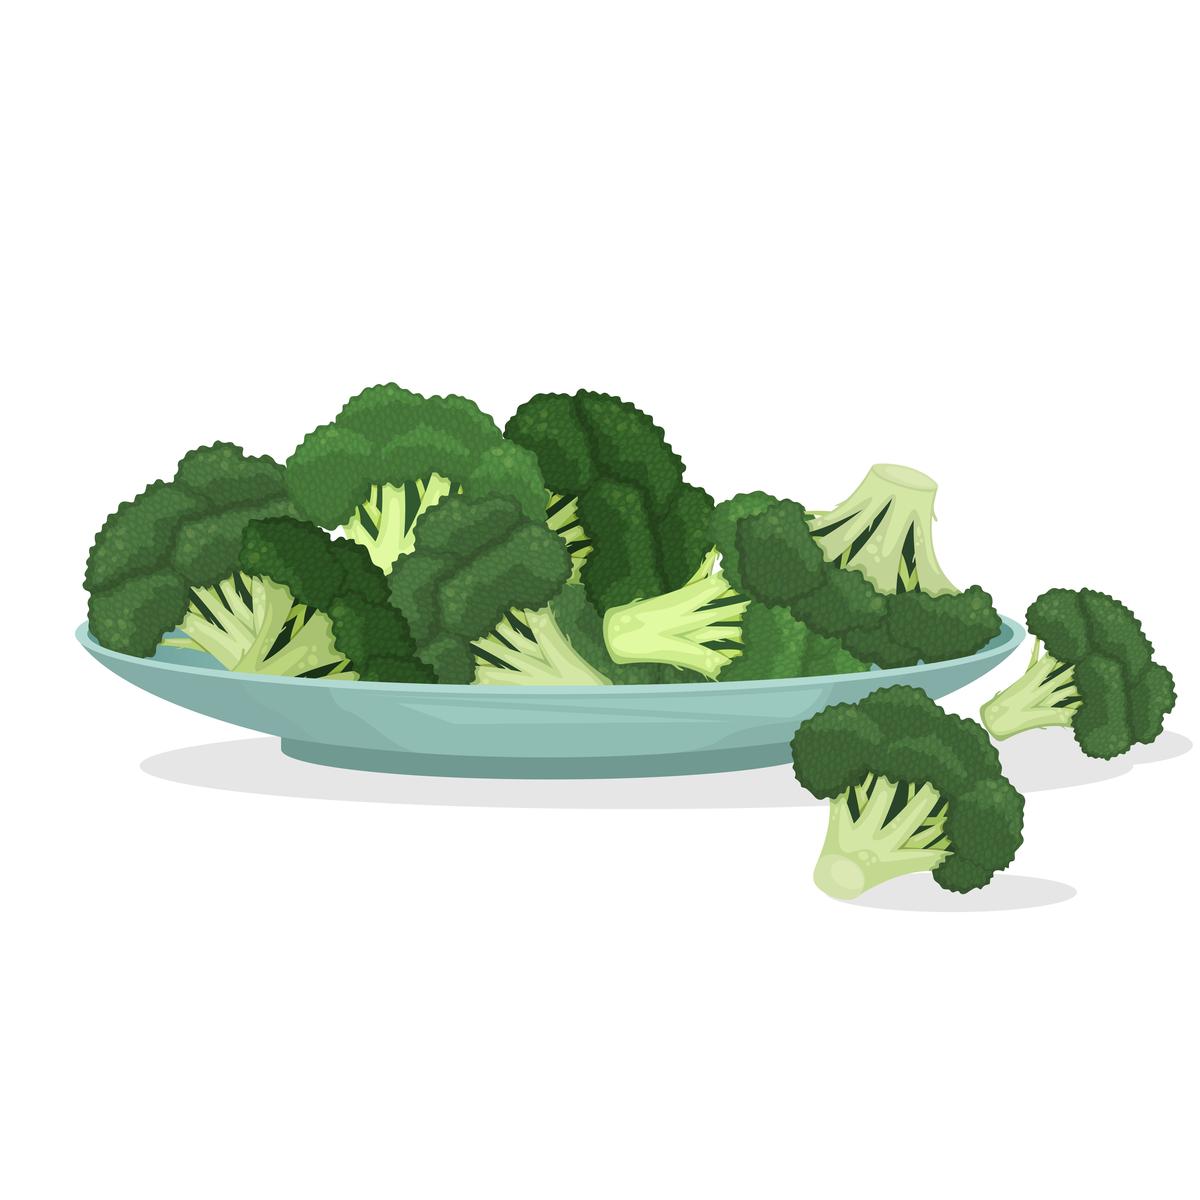 Rețete de broccoli sunt o mulțime, pentru toate gusturile și mesele zilei. Vă prezentăm 10 idei